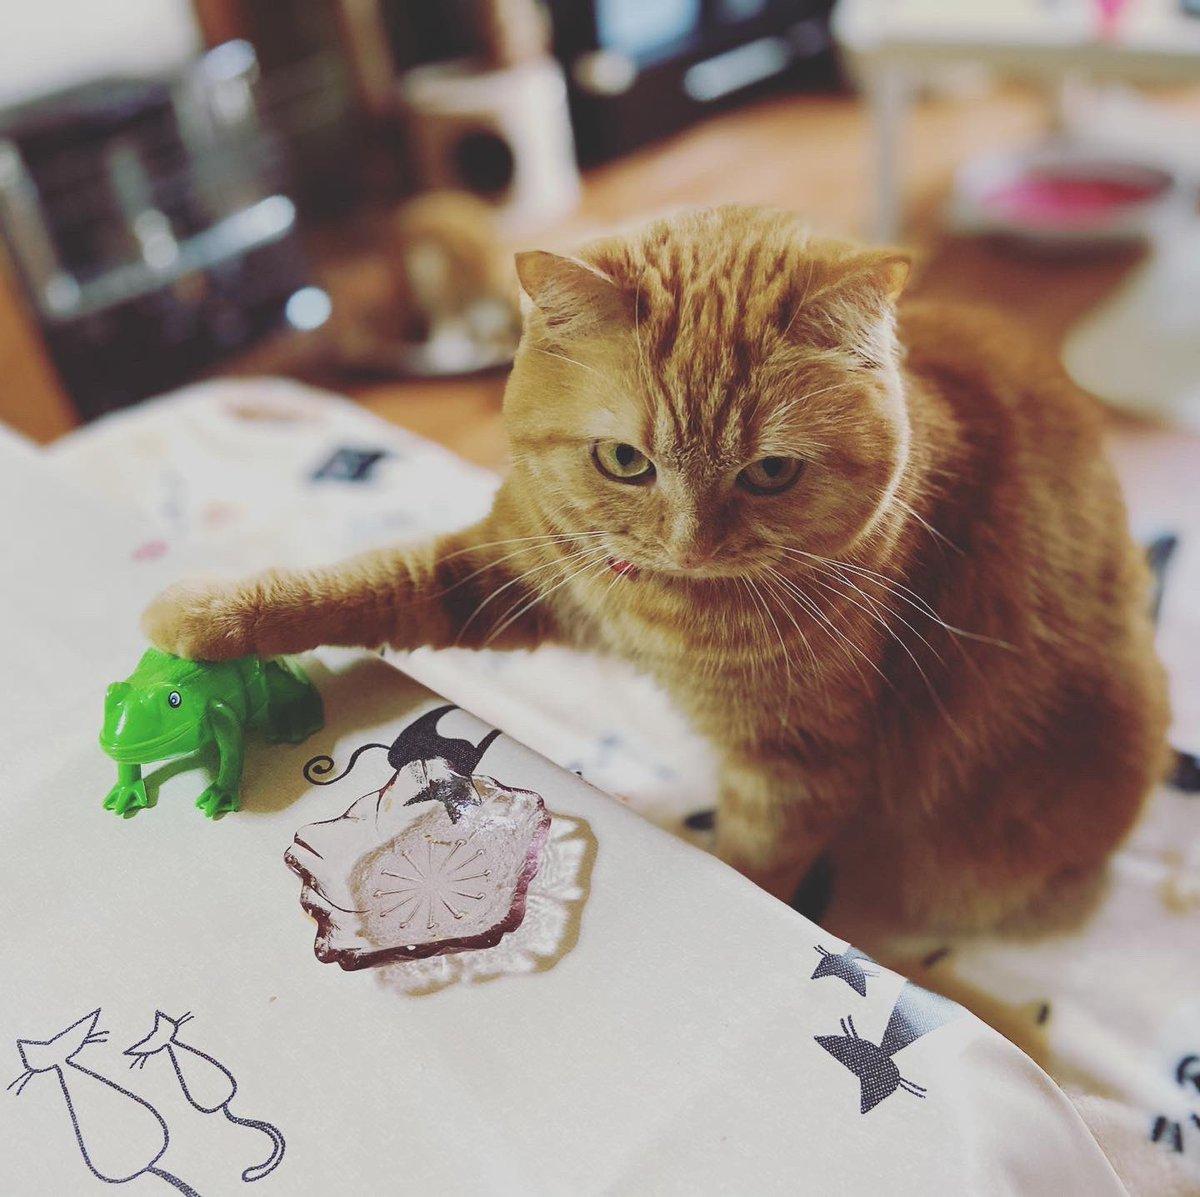 カエルを捕まえたよ  #catstagram #kitten #instacat #catwalk #kittycat #instagramnet #catsagram #cathedral #catsofinstagram #catvalentine #catlover #かわいい猫 #猫スタグラム #猫好きさんと繋がりたい #猫動画 #インスタ猫 #おもしろい猫 #スコティッシュフォールド #ScottishFoldpic.twitter.com/yfuywDA44y